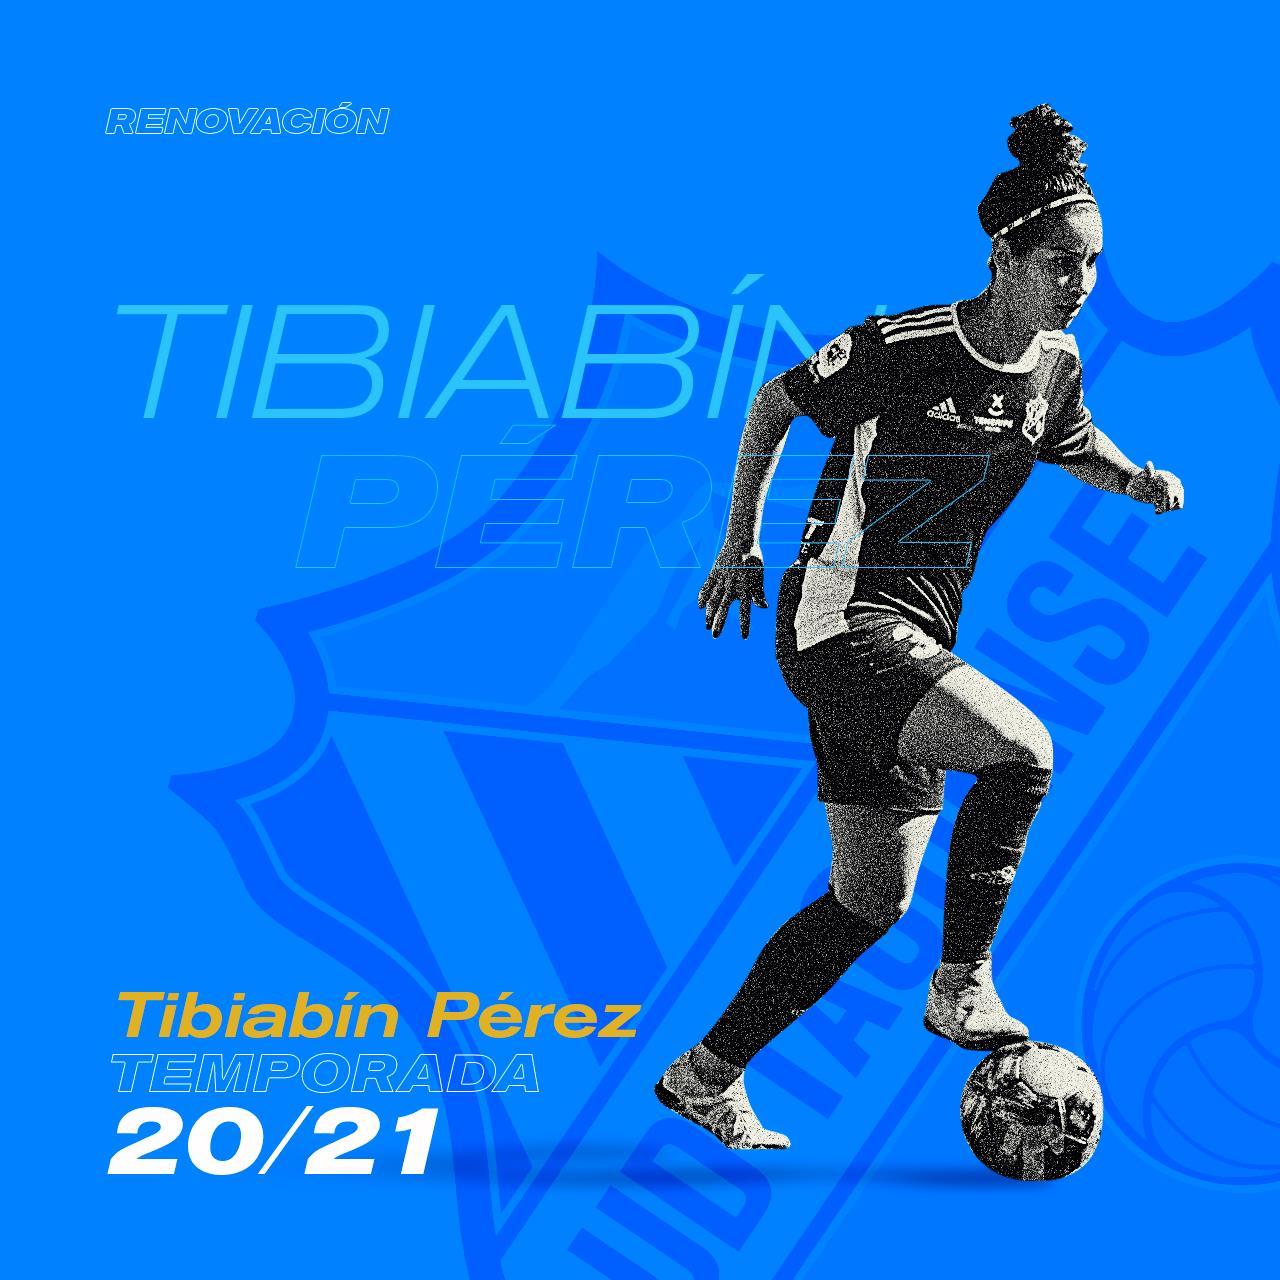 Tibiabin Pérez Rodríguez. Renovada.